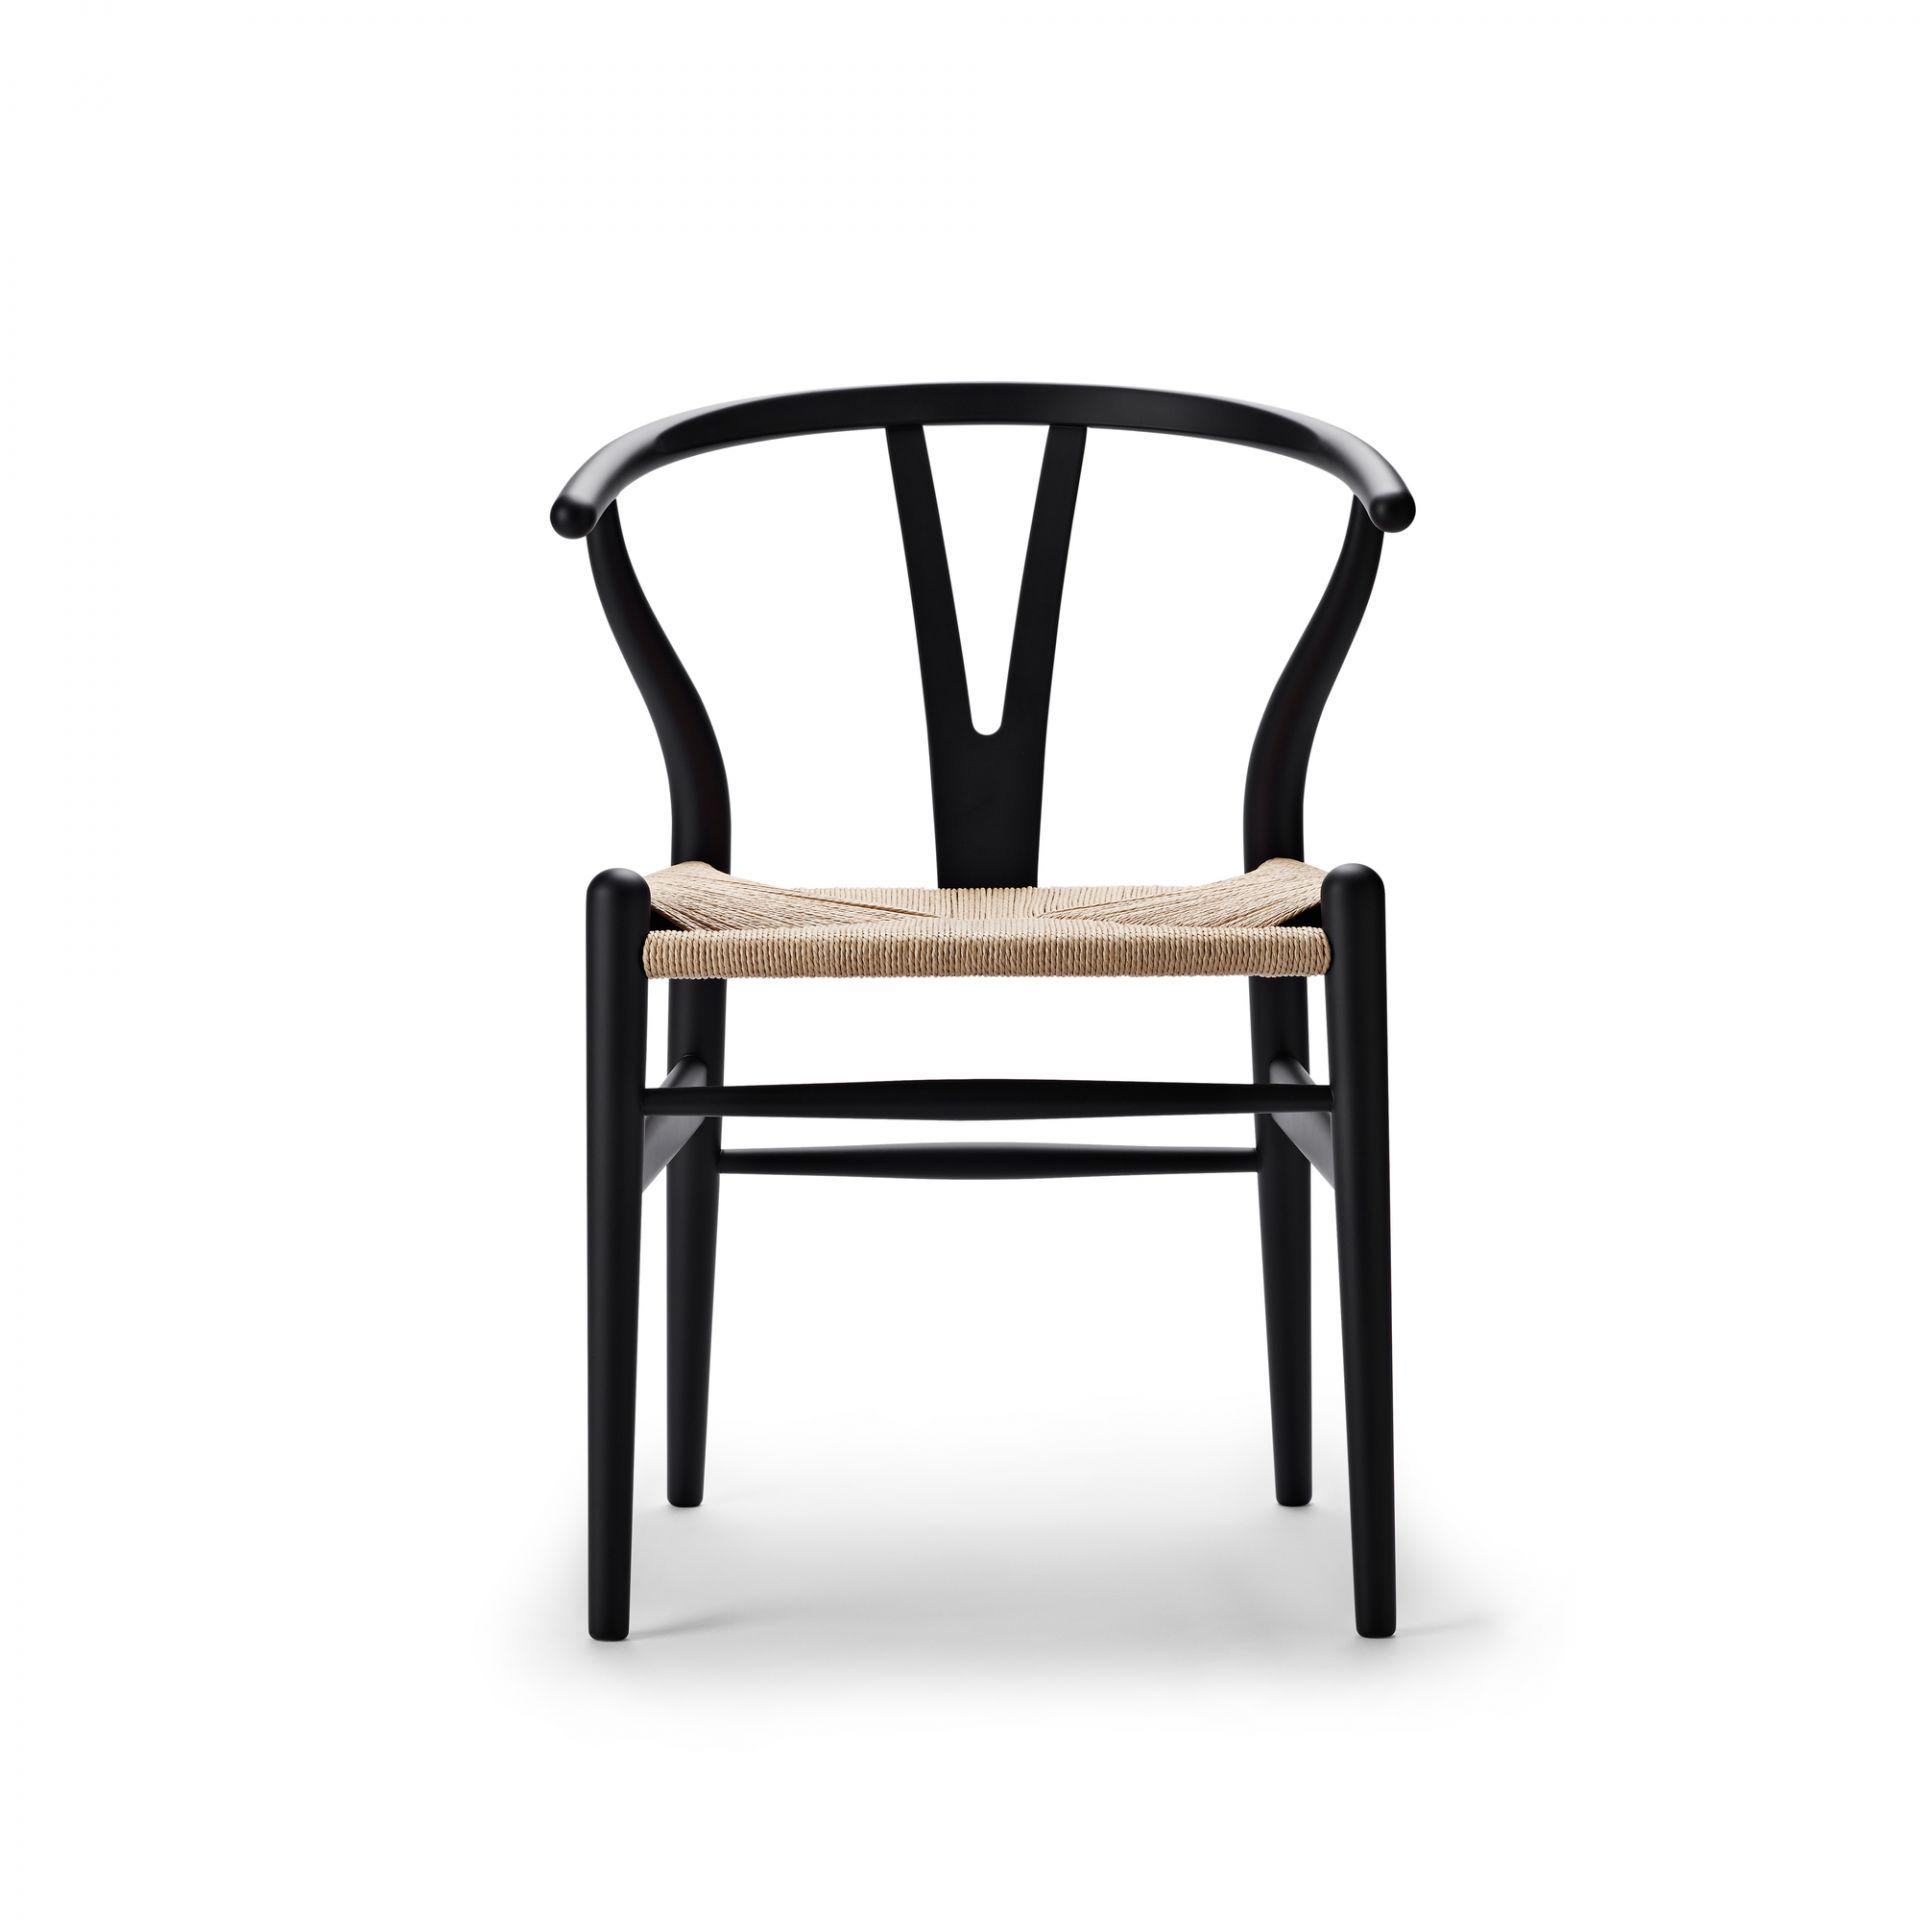 CH24 SOFT Wishbone Chair / Y-Chair Stuhl Carl Hansen & Søn LIMITED EDITION grau